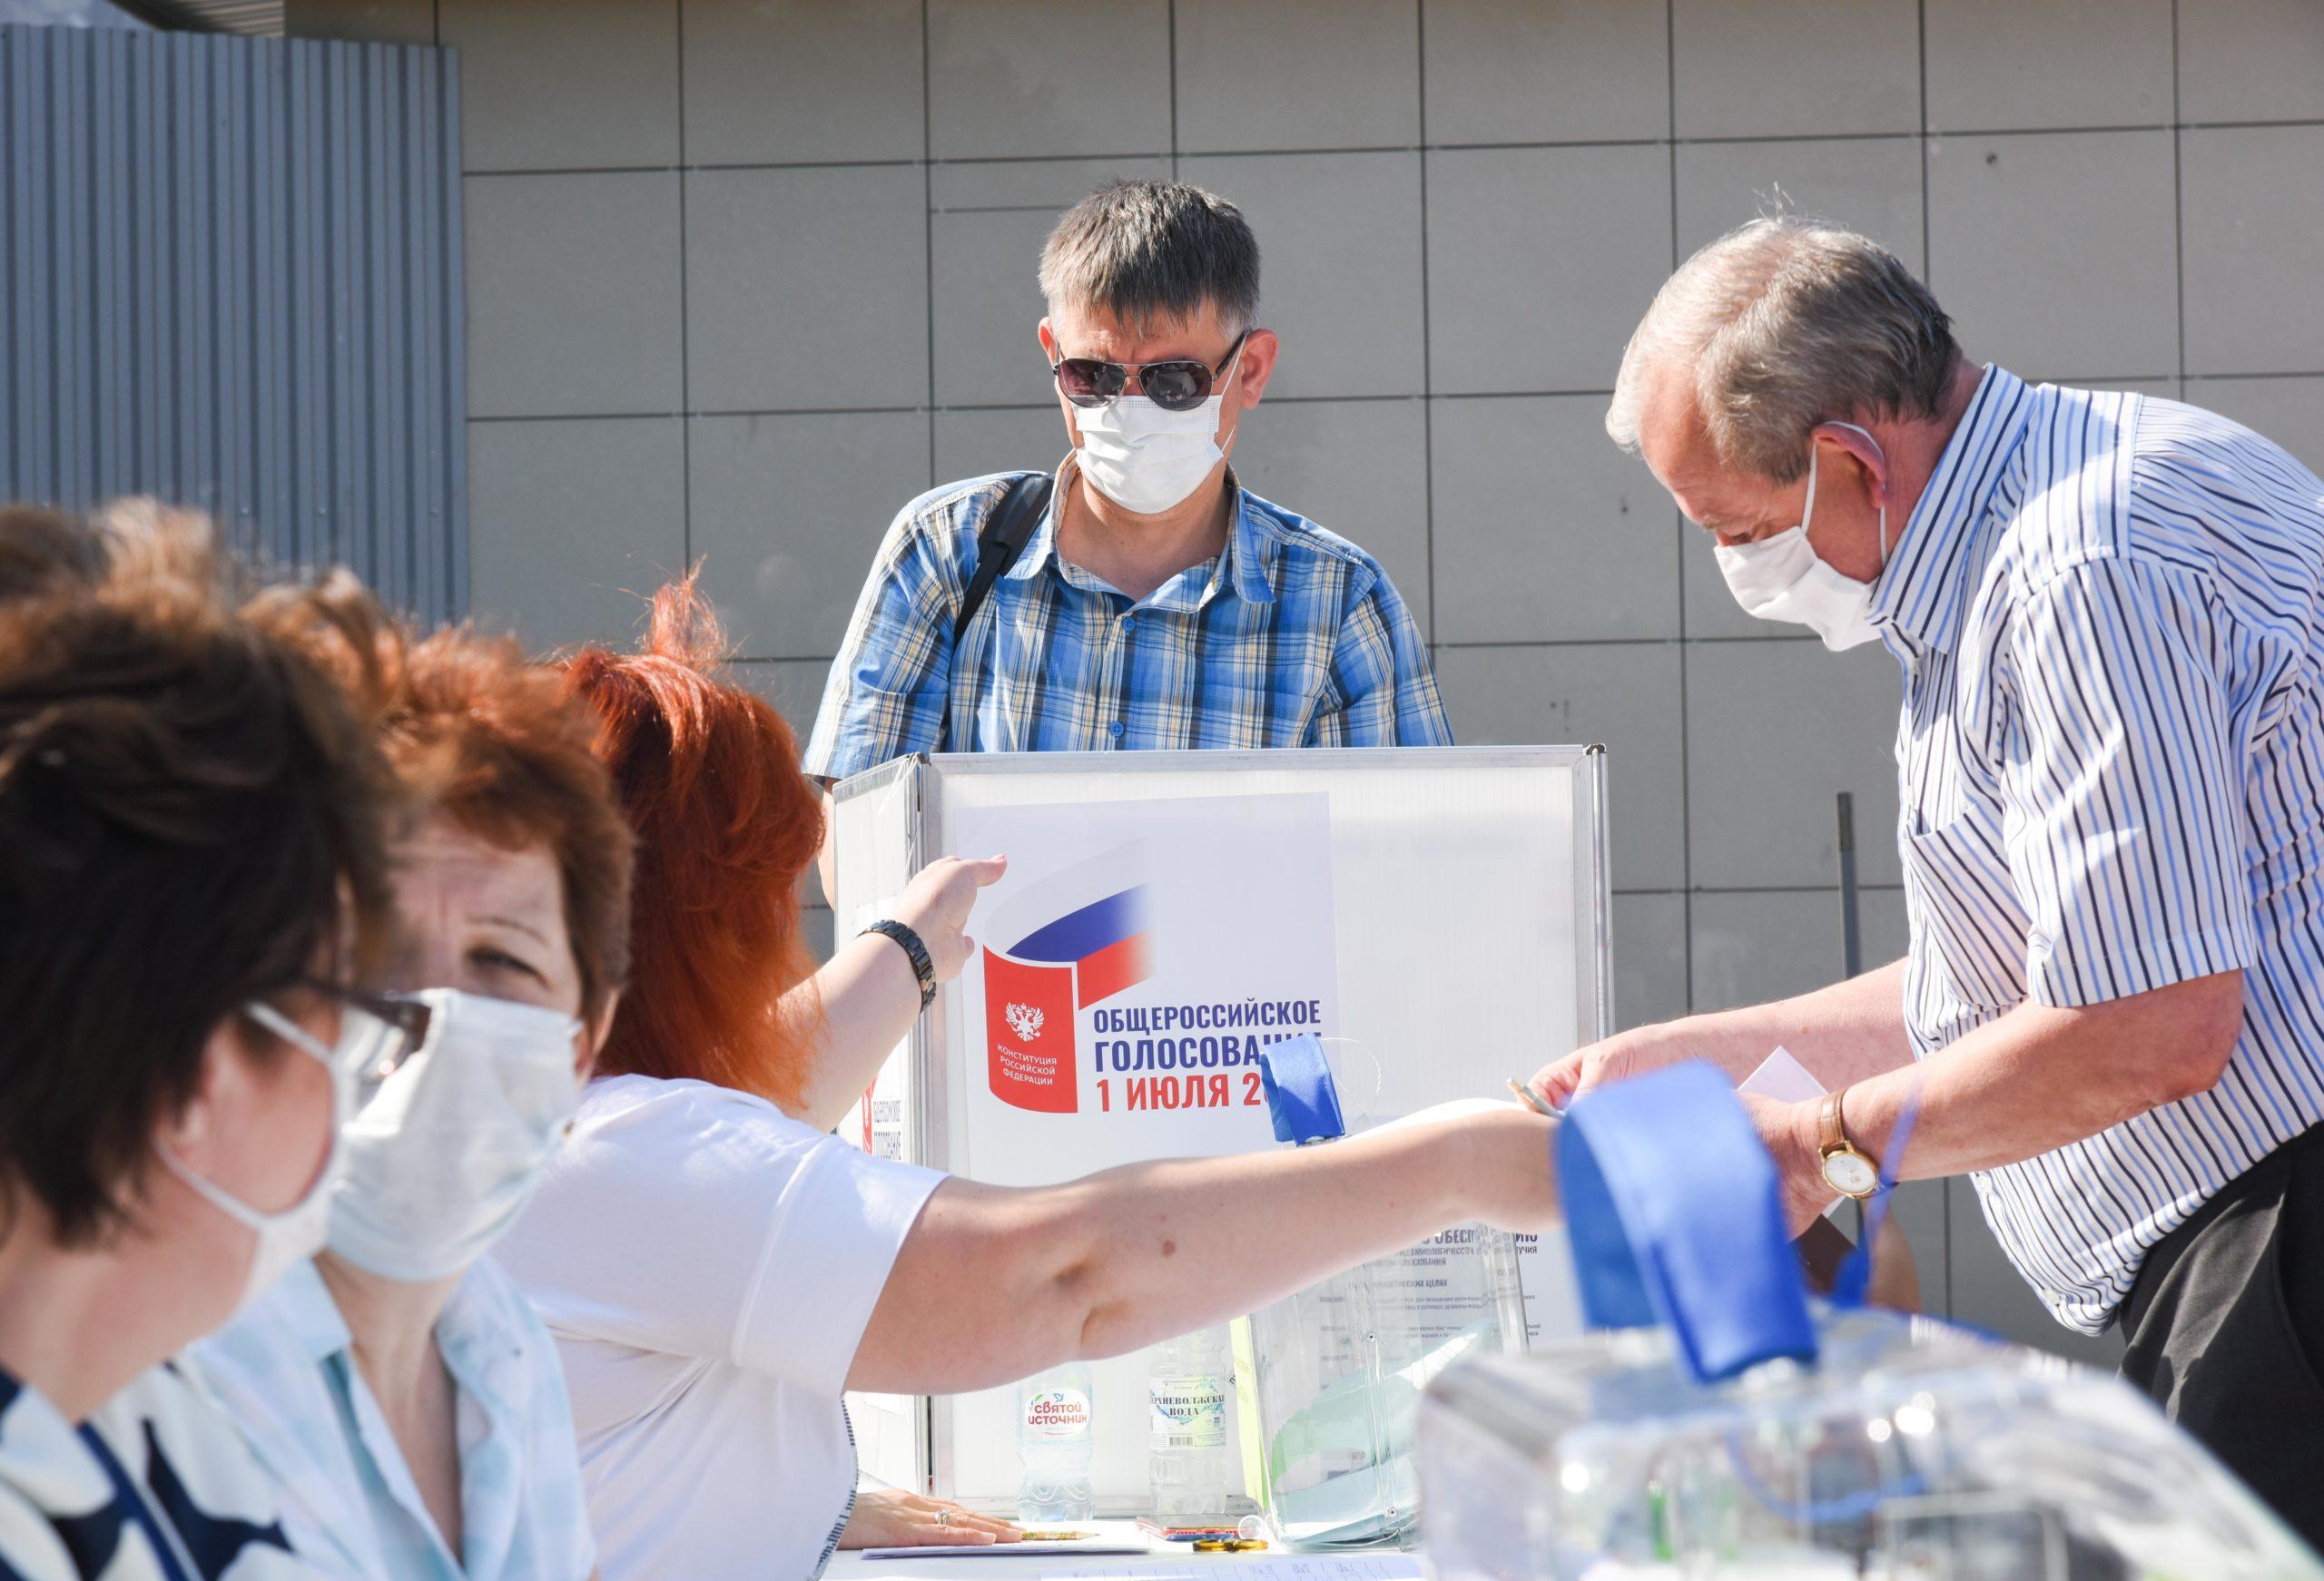 26 июня продолжается Общероссийское голосование по вопросу одобрения изменений в Конституцию РФ